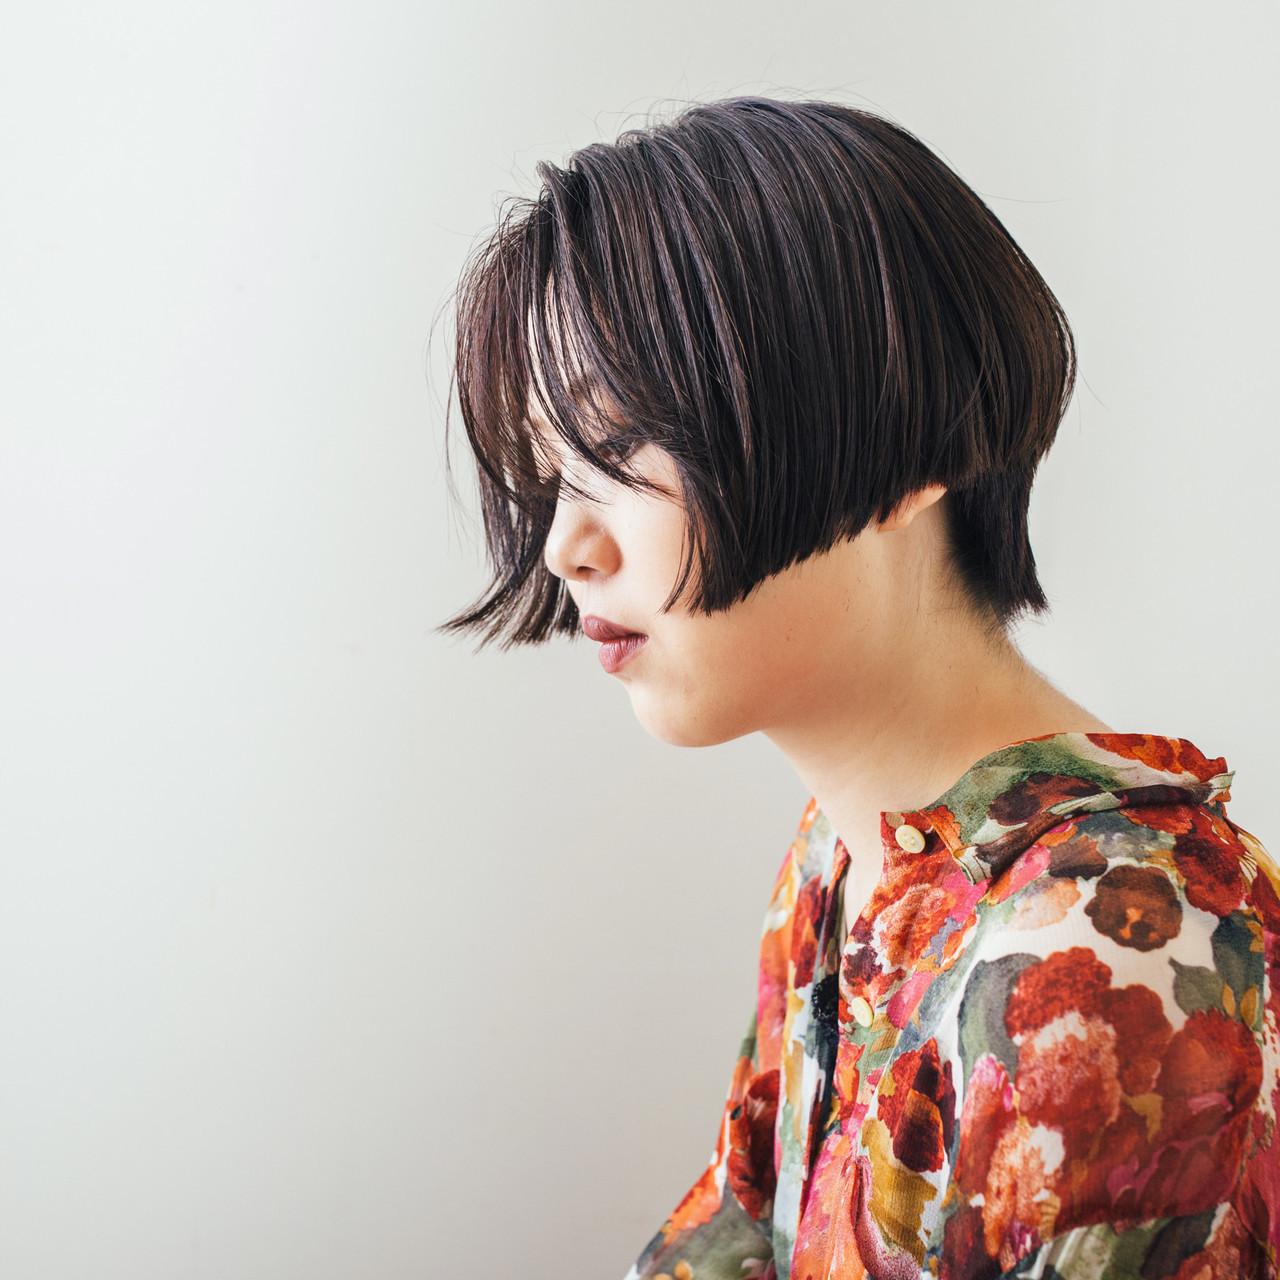 ミニボブ ショート 切りっぱなしボブ モード ヘアスタイルや髪型の写真・画像